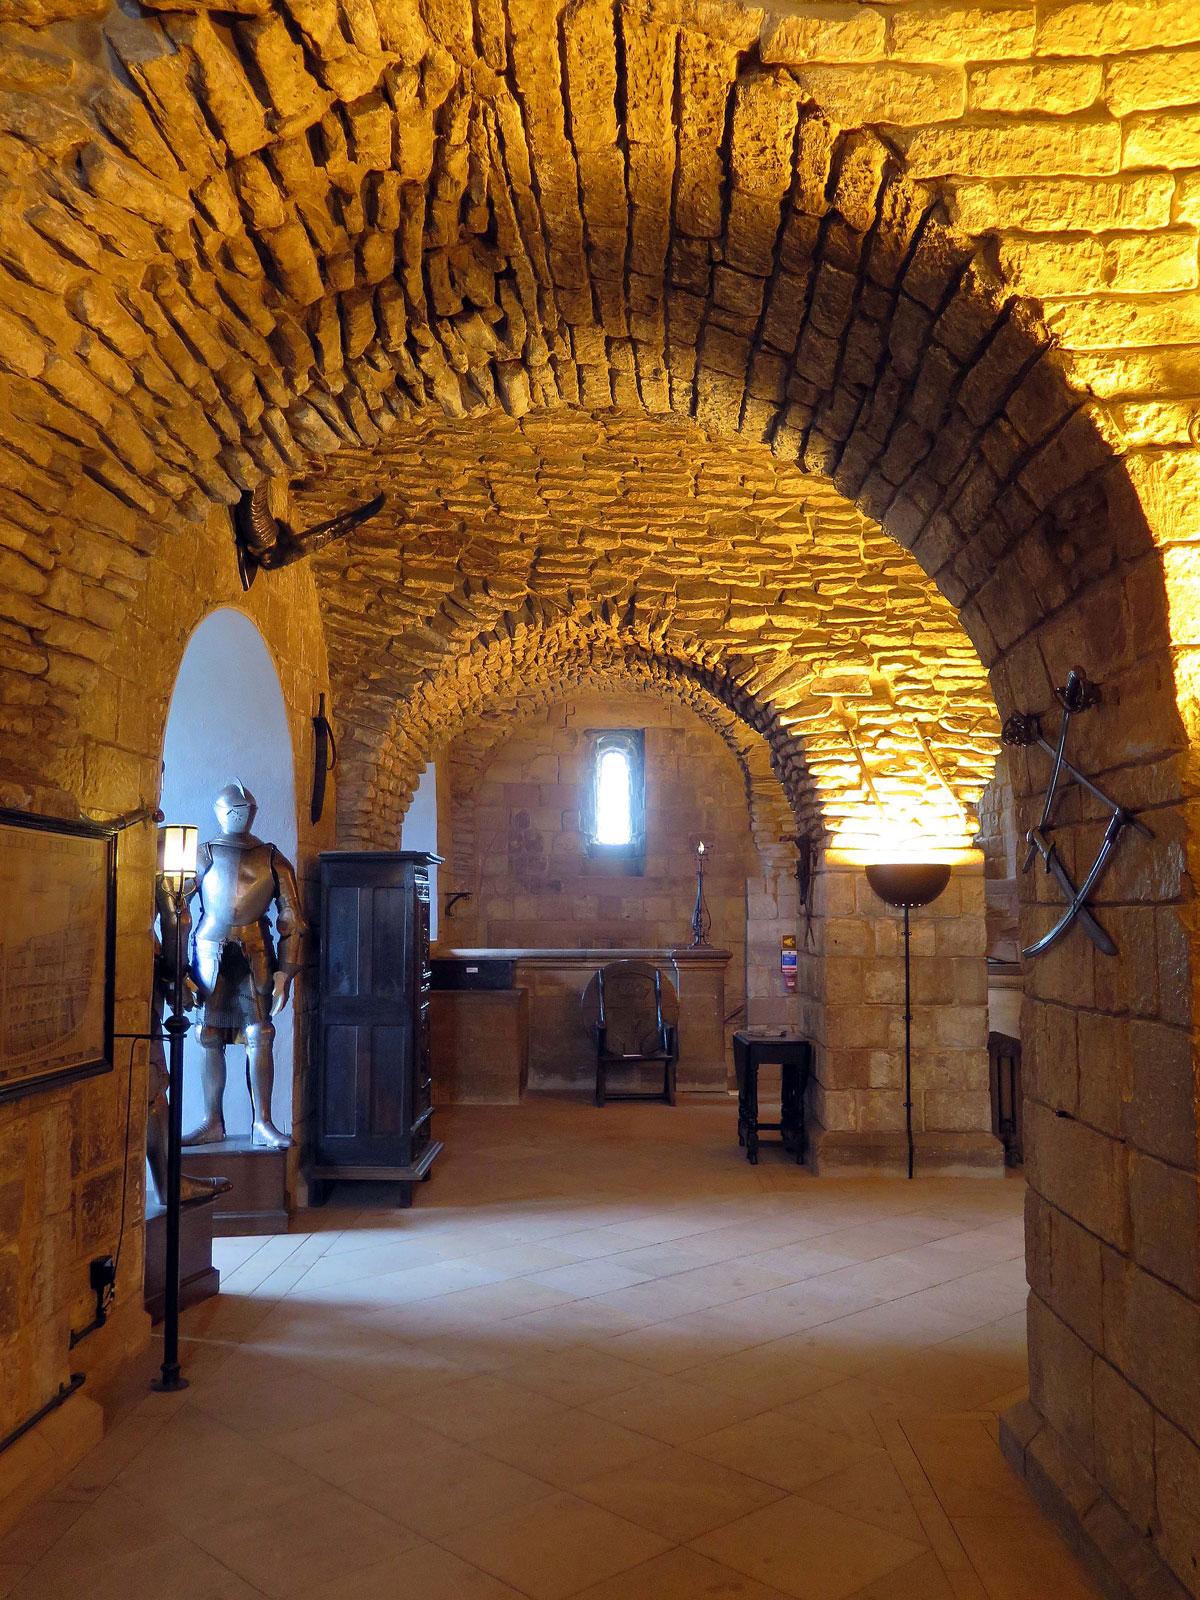 Inside the Keep